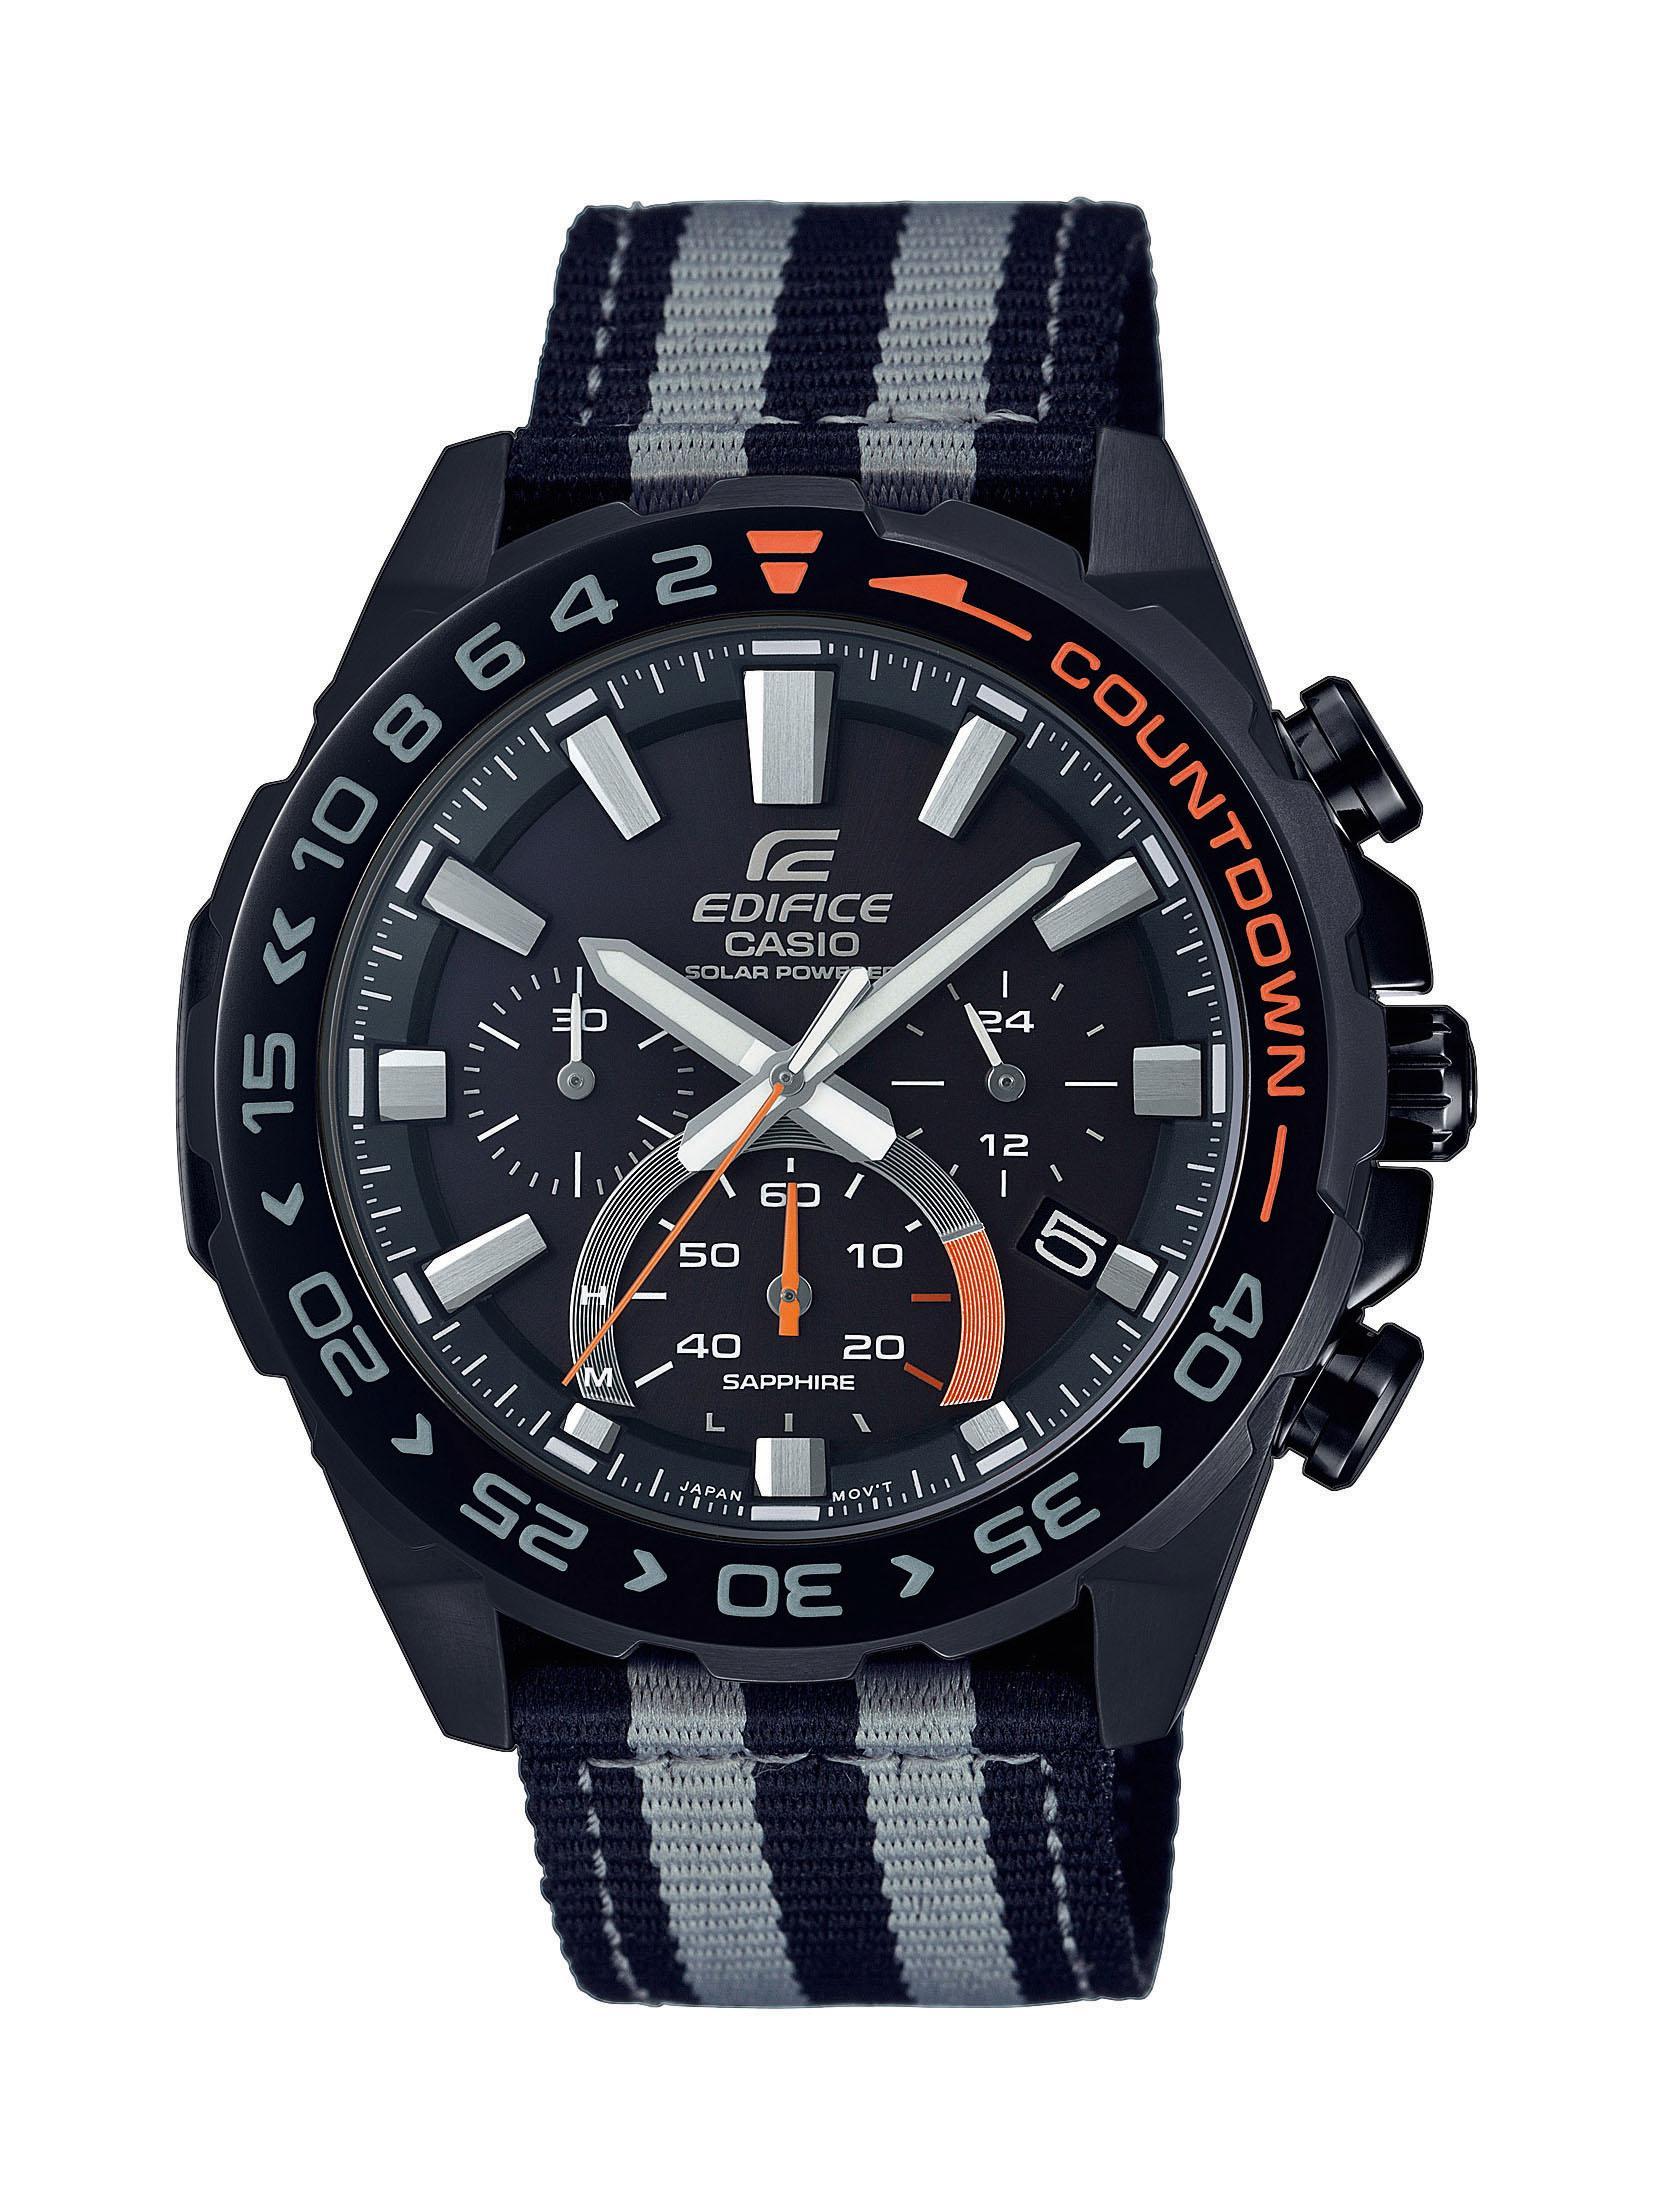 Ηλιακό Ρολόι Casio Edifice Clasic EFS-S550BL-1AVUEF